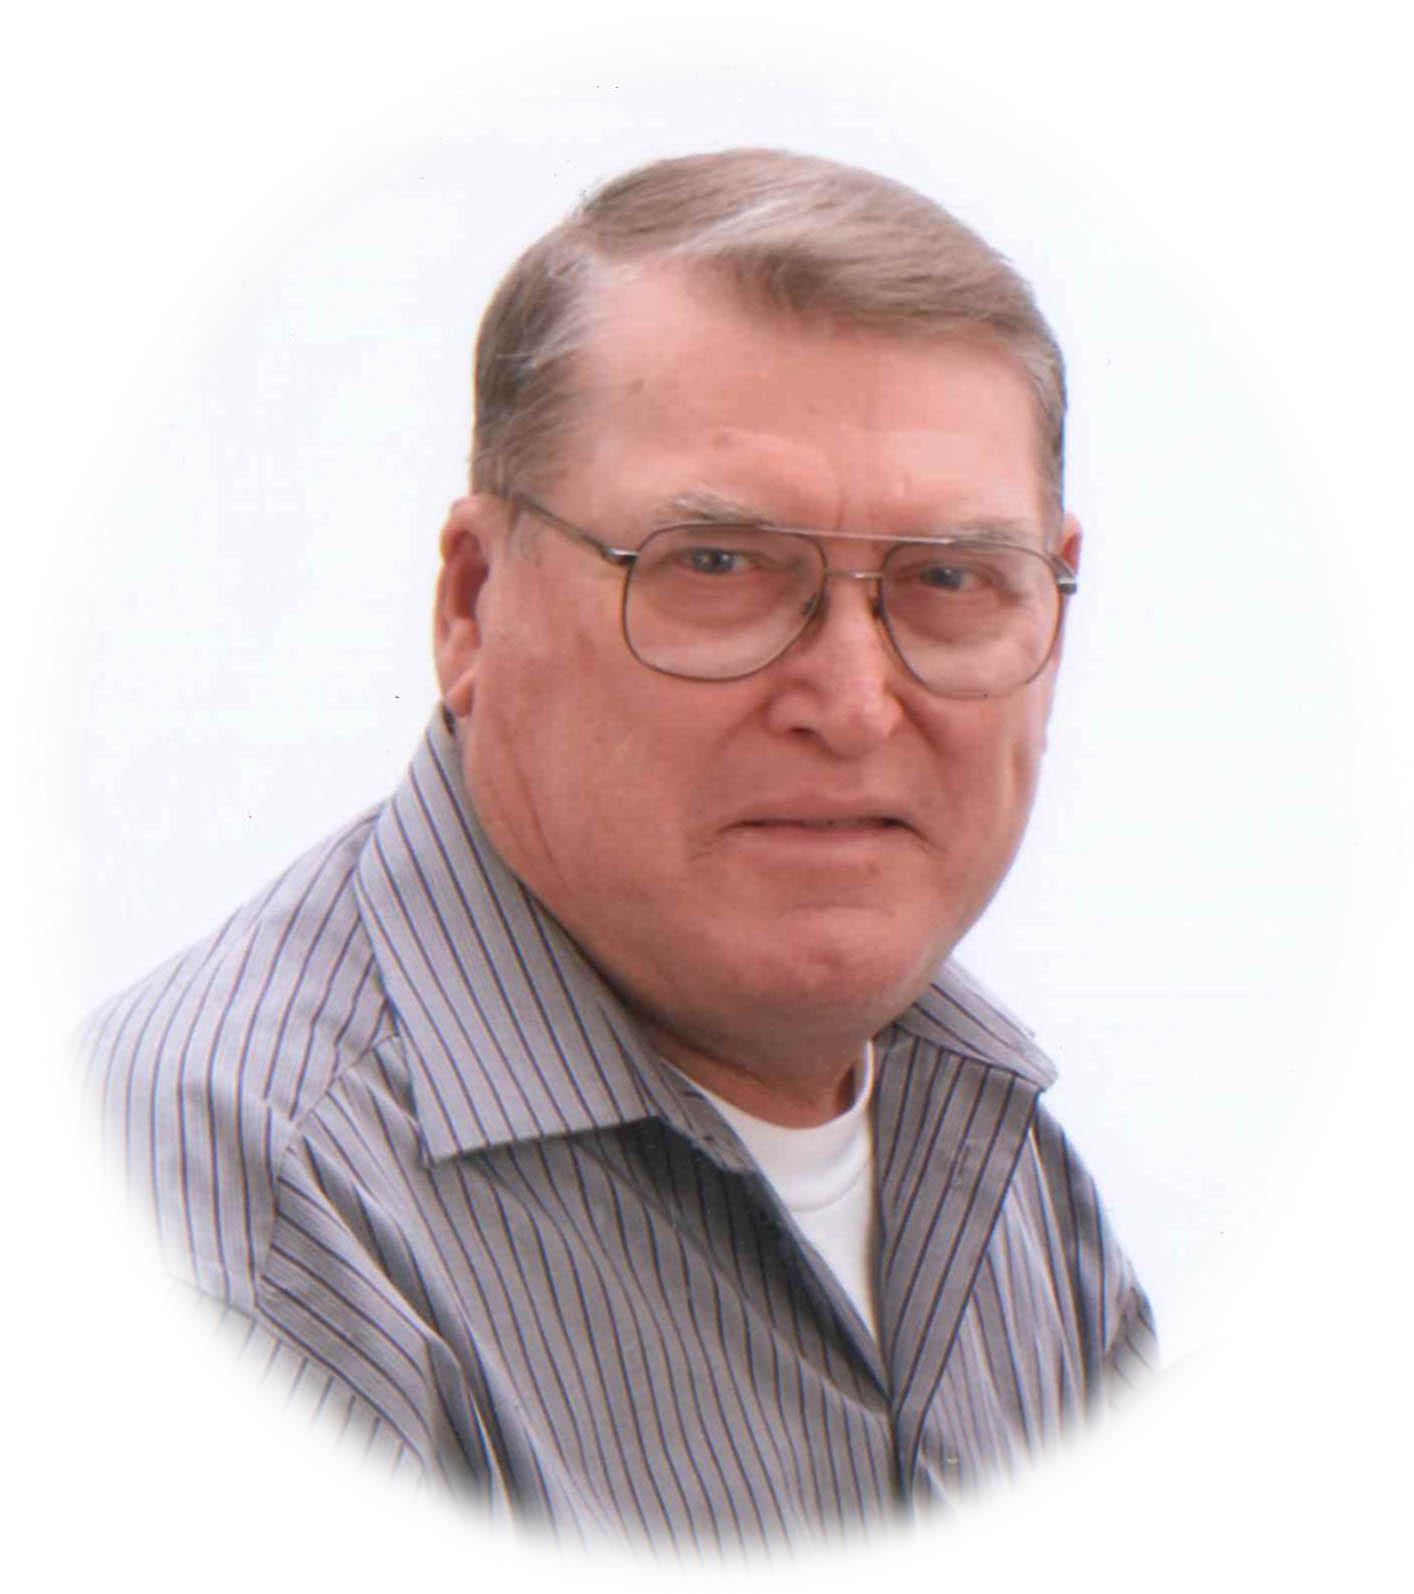 John C. Finken